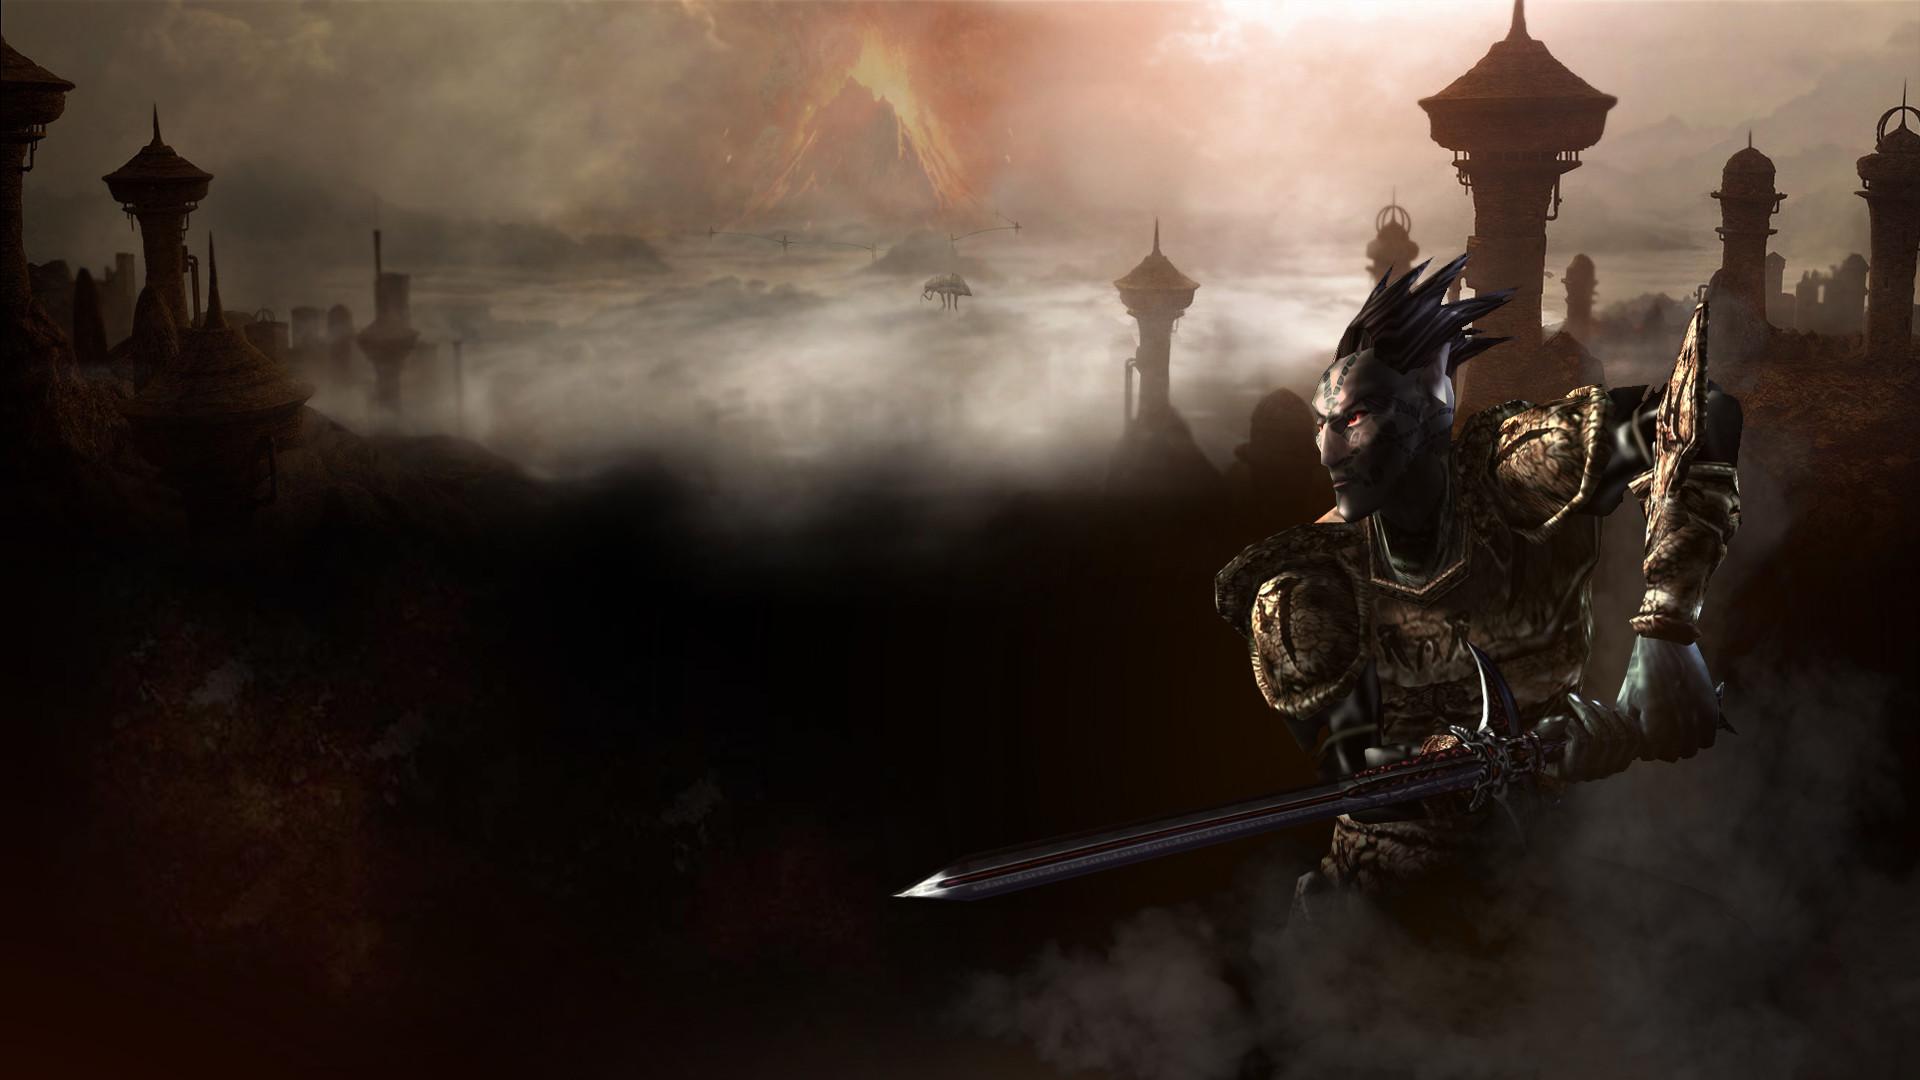 Morrowind Wallpaper by Revan1337 Morrowind Wallpaper by Revan1337